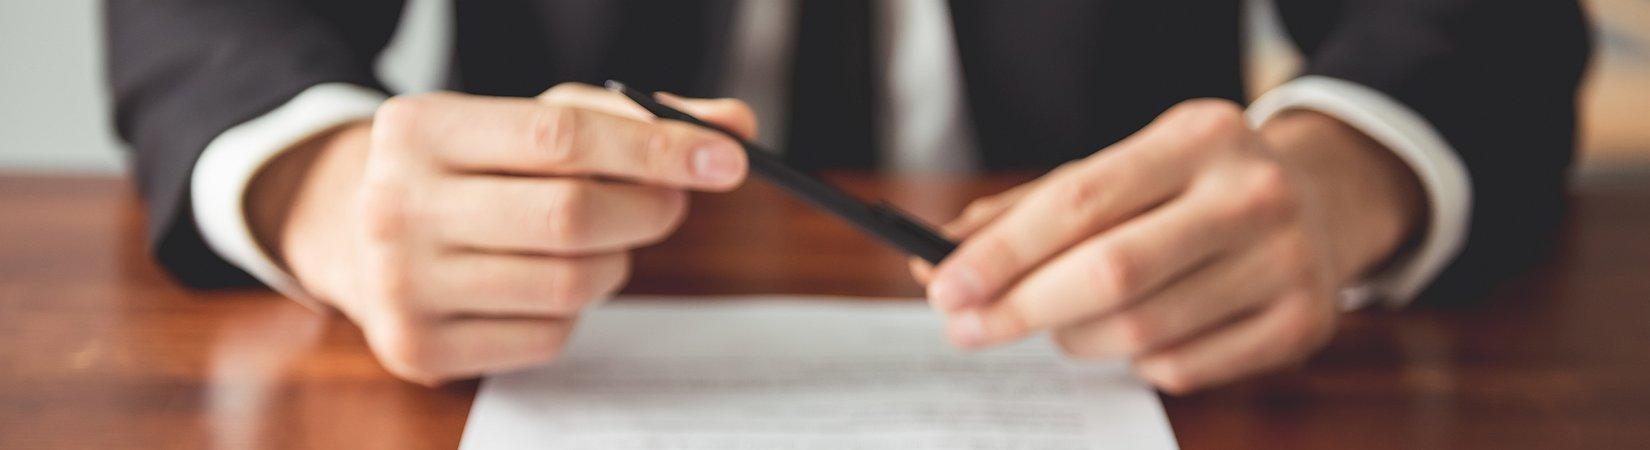 5 errores que debes evitar en tu currículum